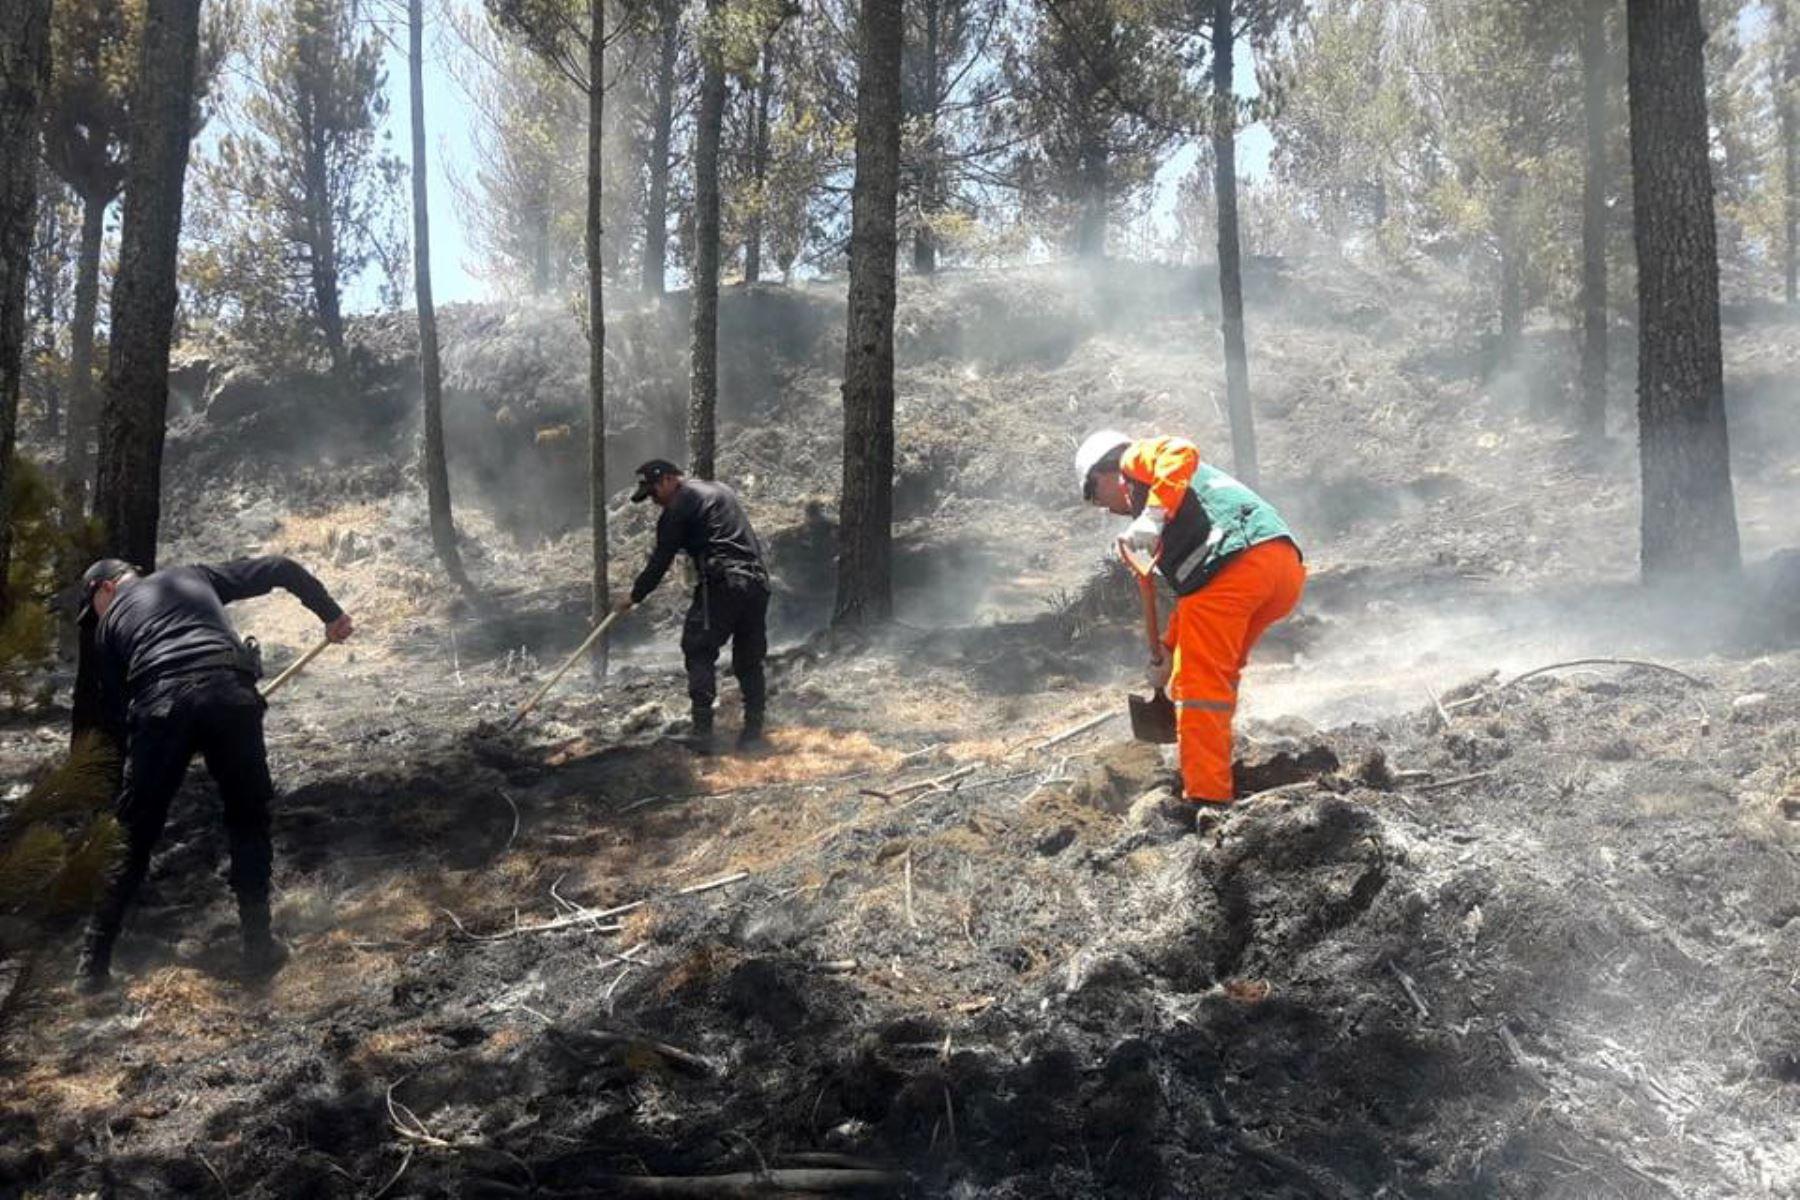 Personal del Cuerpo General de Bomberos Voluntarios del Perú, autoridades locales y pobladores de la zona lograron extinguir dos incendios forestales iniciados en horas de la mañana del 13 de setiembre, en los distritos de Cusipata y San Pablo, en las provincias cusqueñas  de Quispicanchi y Canchis.ANDINA/Difusión